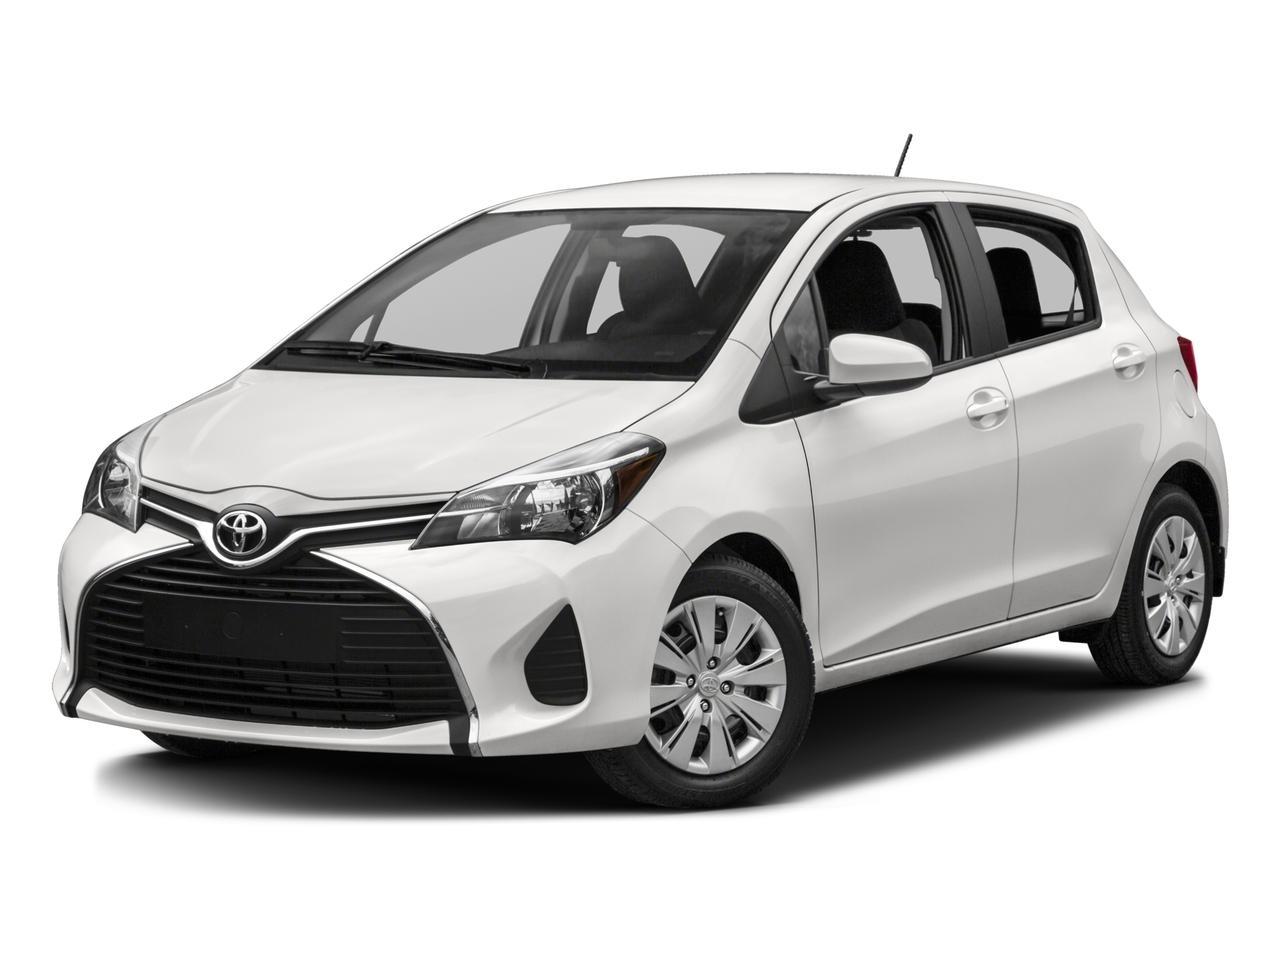 2016 Toyota Yaris Vehicle Photo in Tucson, AZ 85705